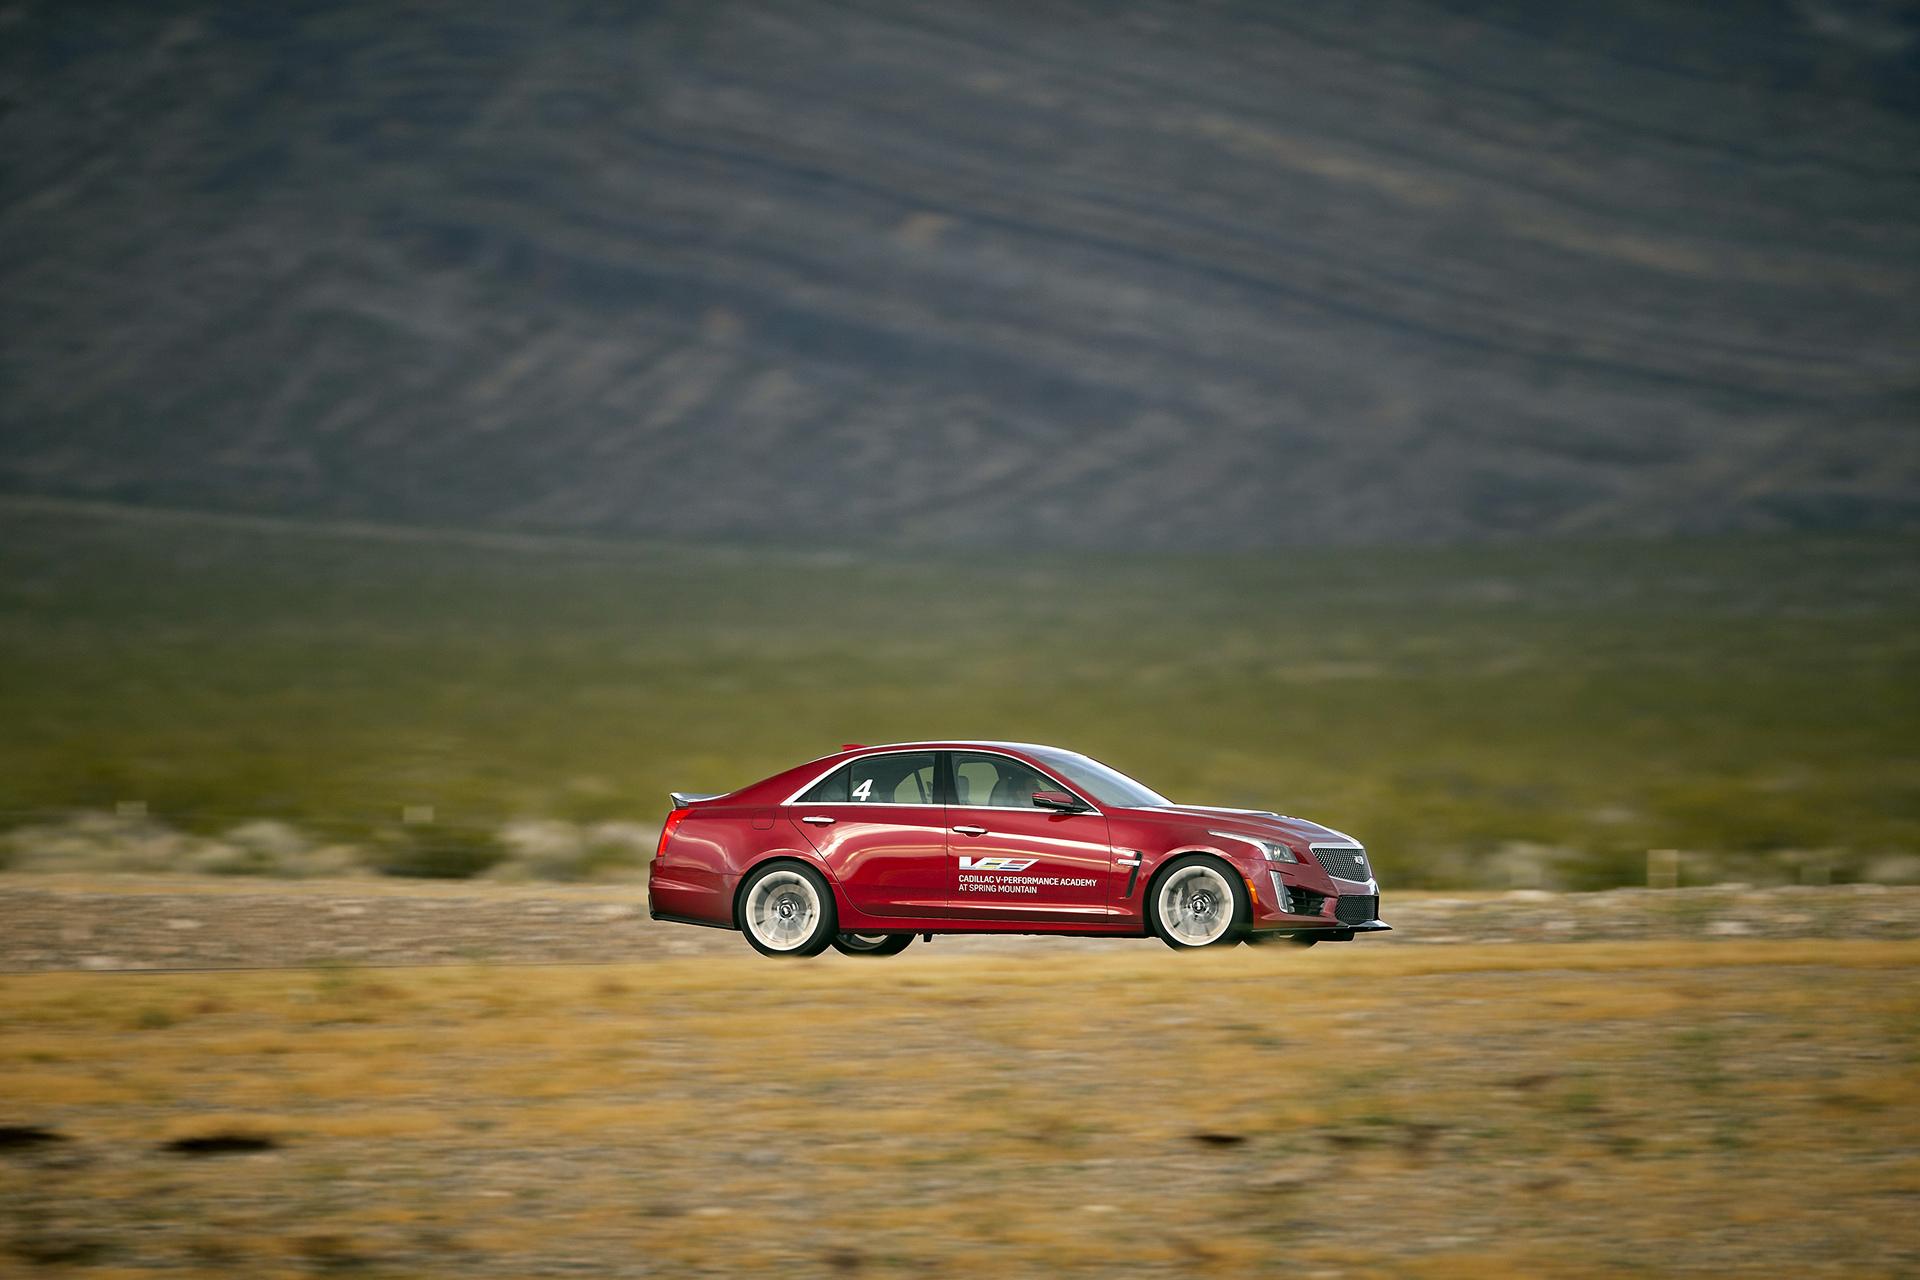 The Cadillac CTS-V at the Cadillac V-Performance Academy © General Motors